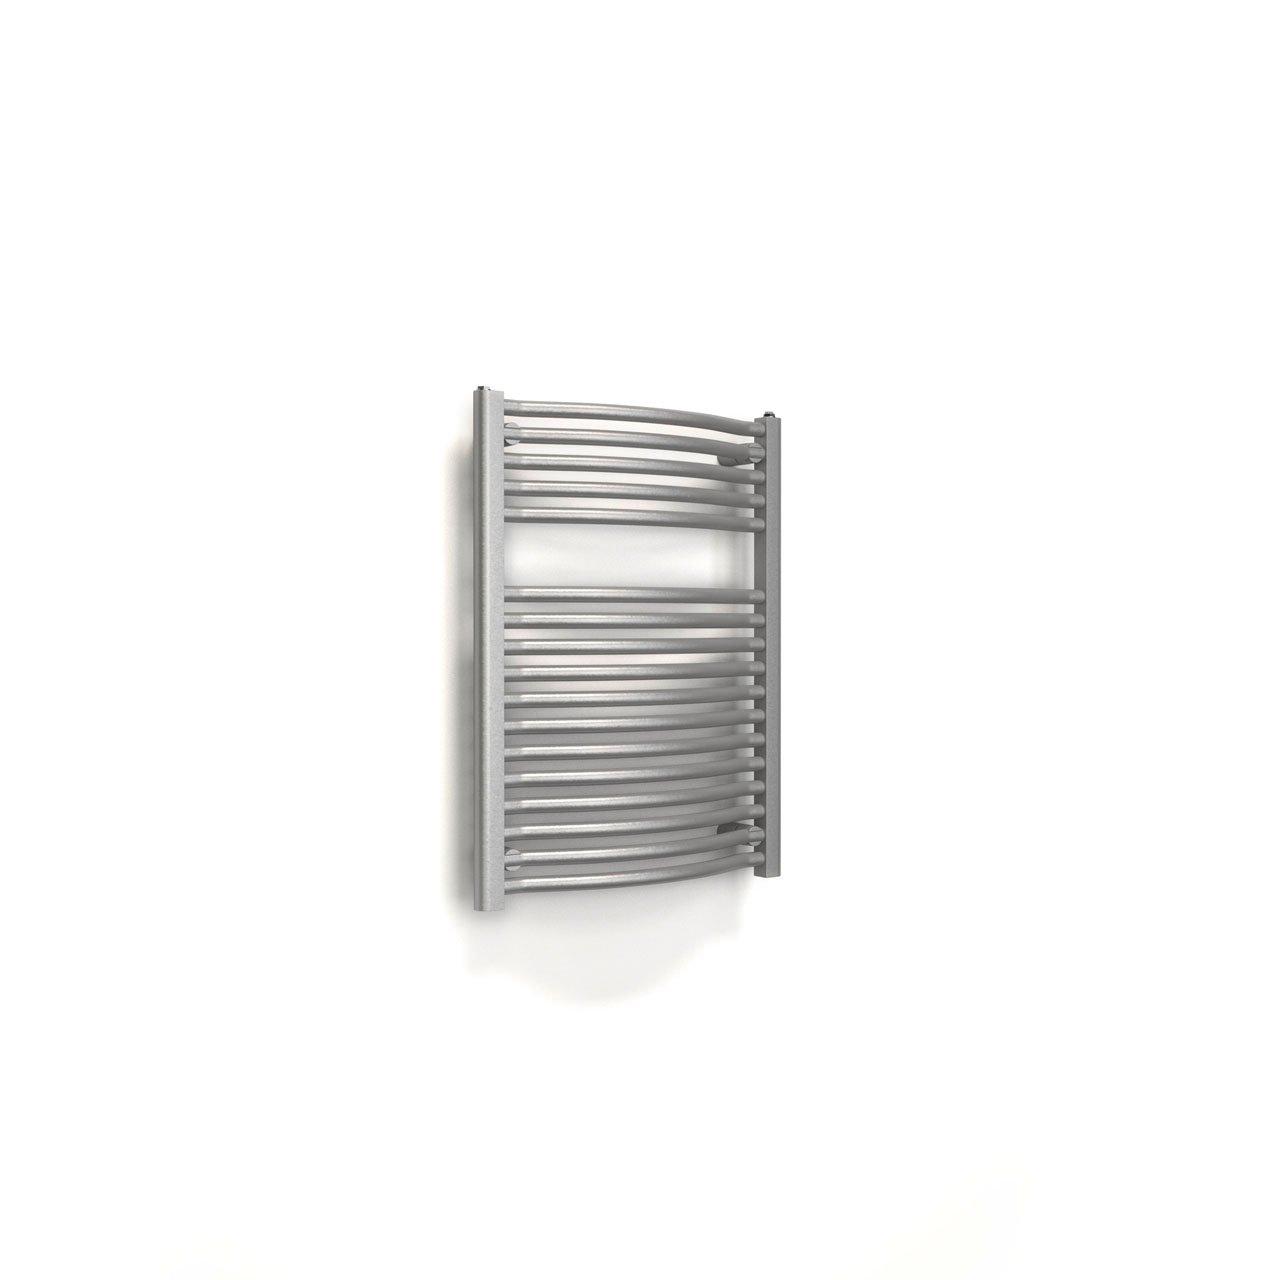 Bad-Heizk/örper Verona Design-Heizk/örper f/ür Zweirohrsysteme silber-metallic 538 Watt Leistung Anschluss unten 77x60 cm gebogen